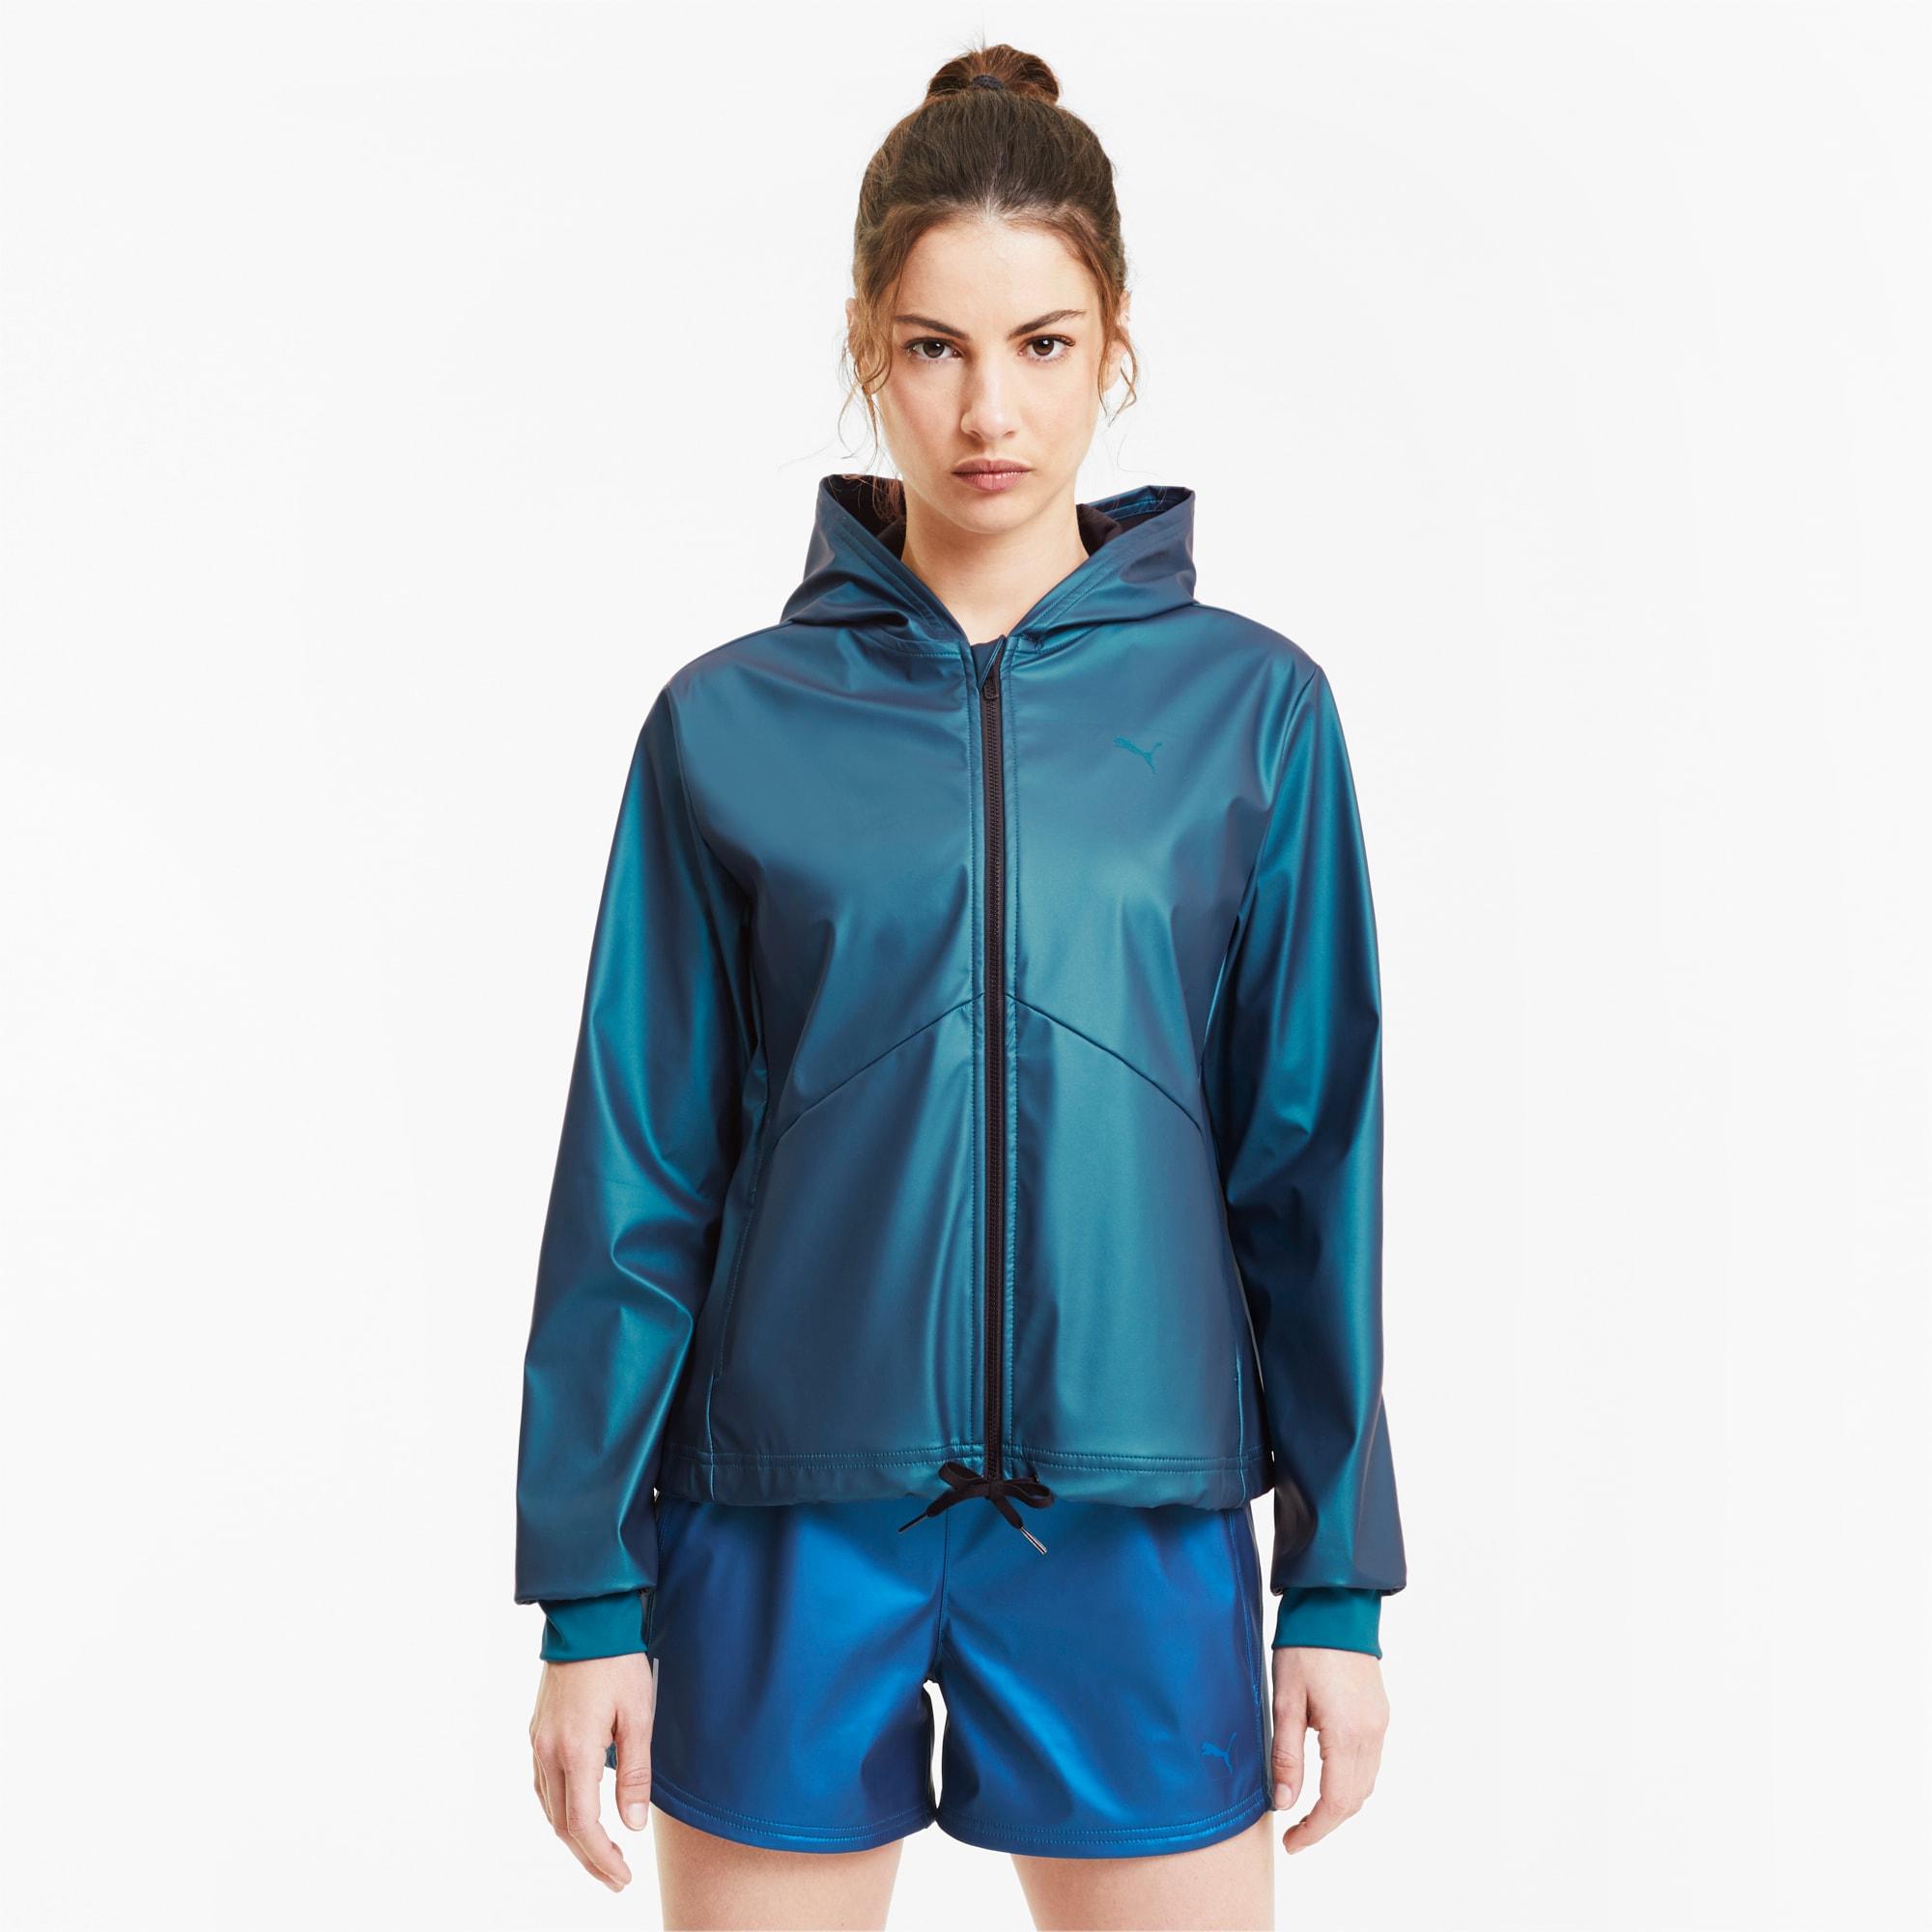 puma -  Warm-Up Shimmer Damen Trainingsjacke mit Kapuze | Mit Aucun | Blau | Größe: M